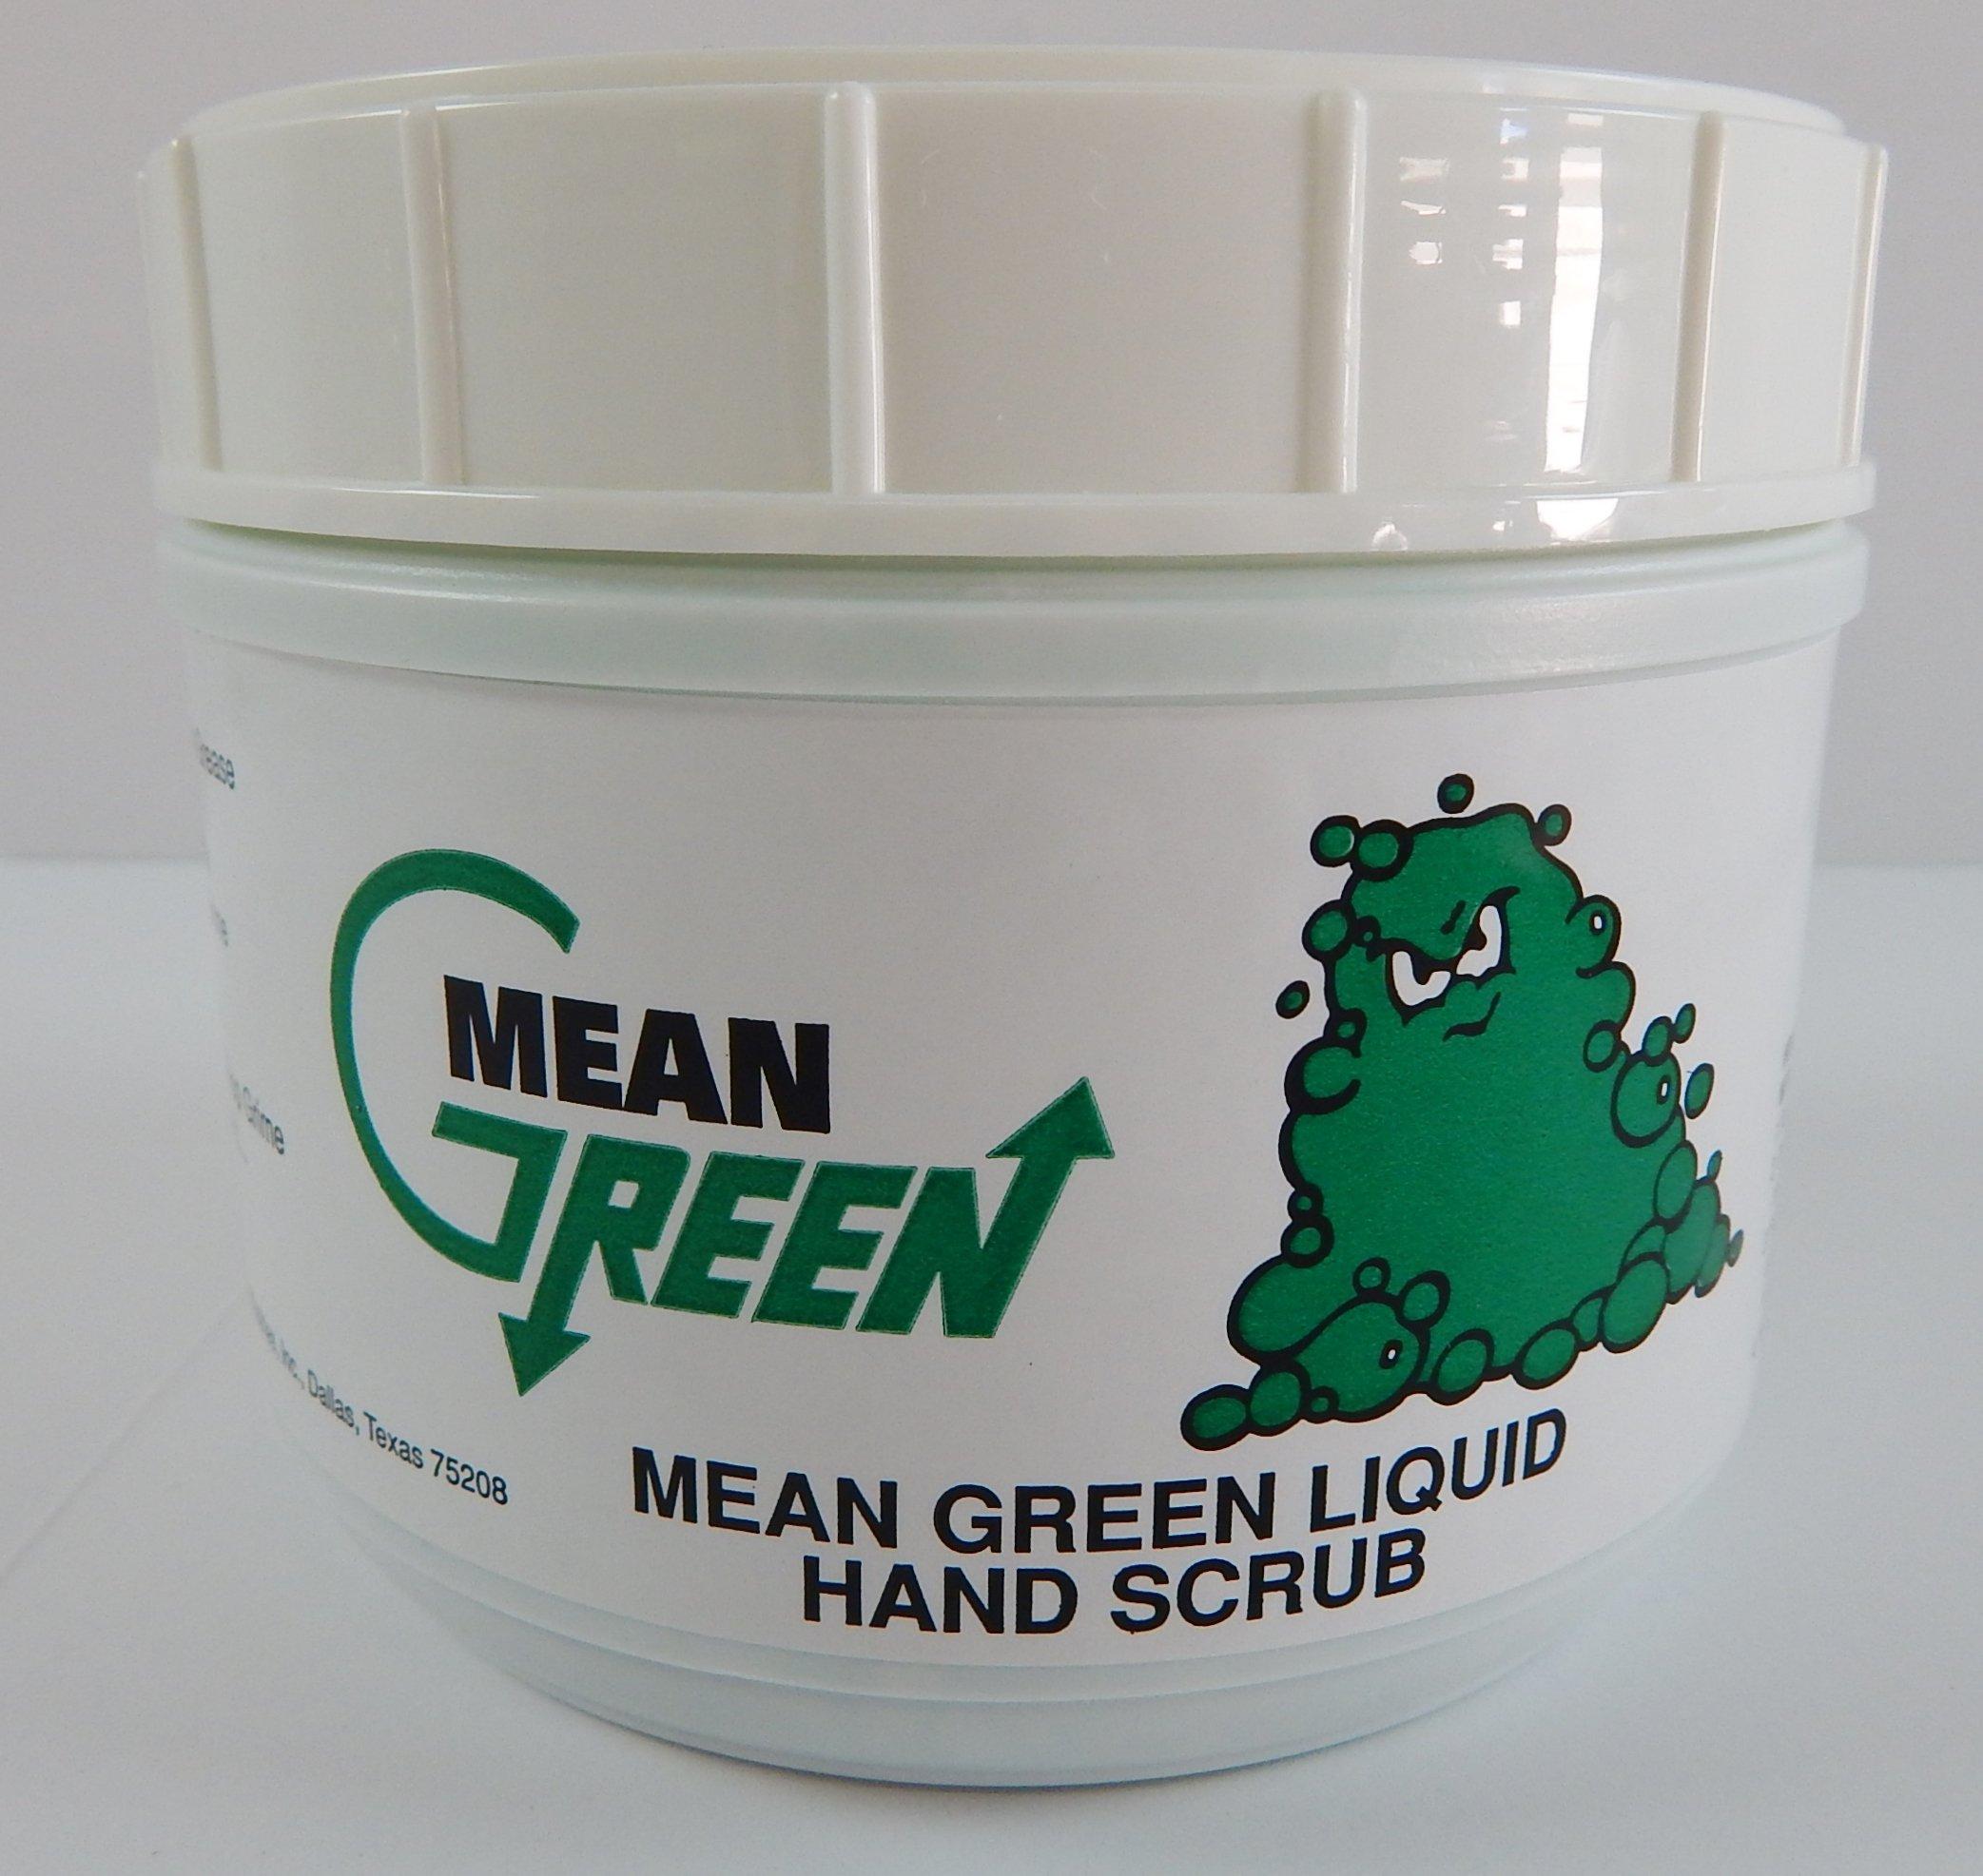 Mean Green Power Hand Scrub (36 Ounce Jar)